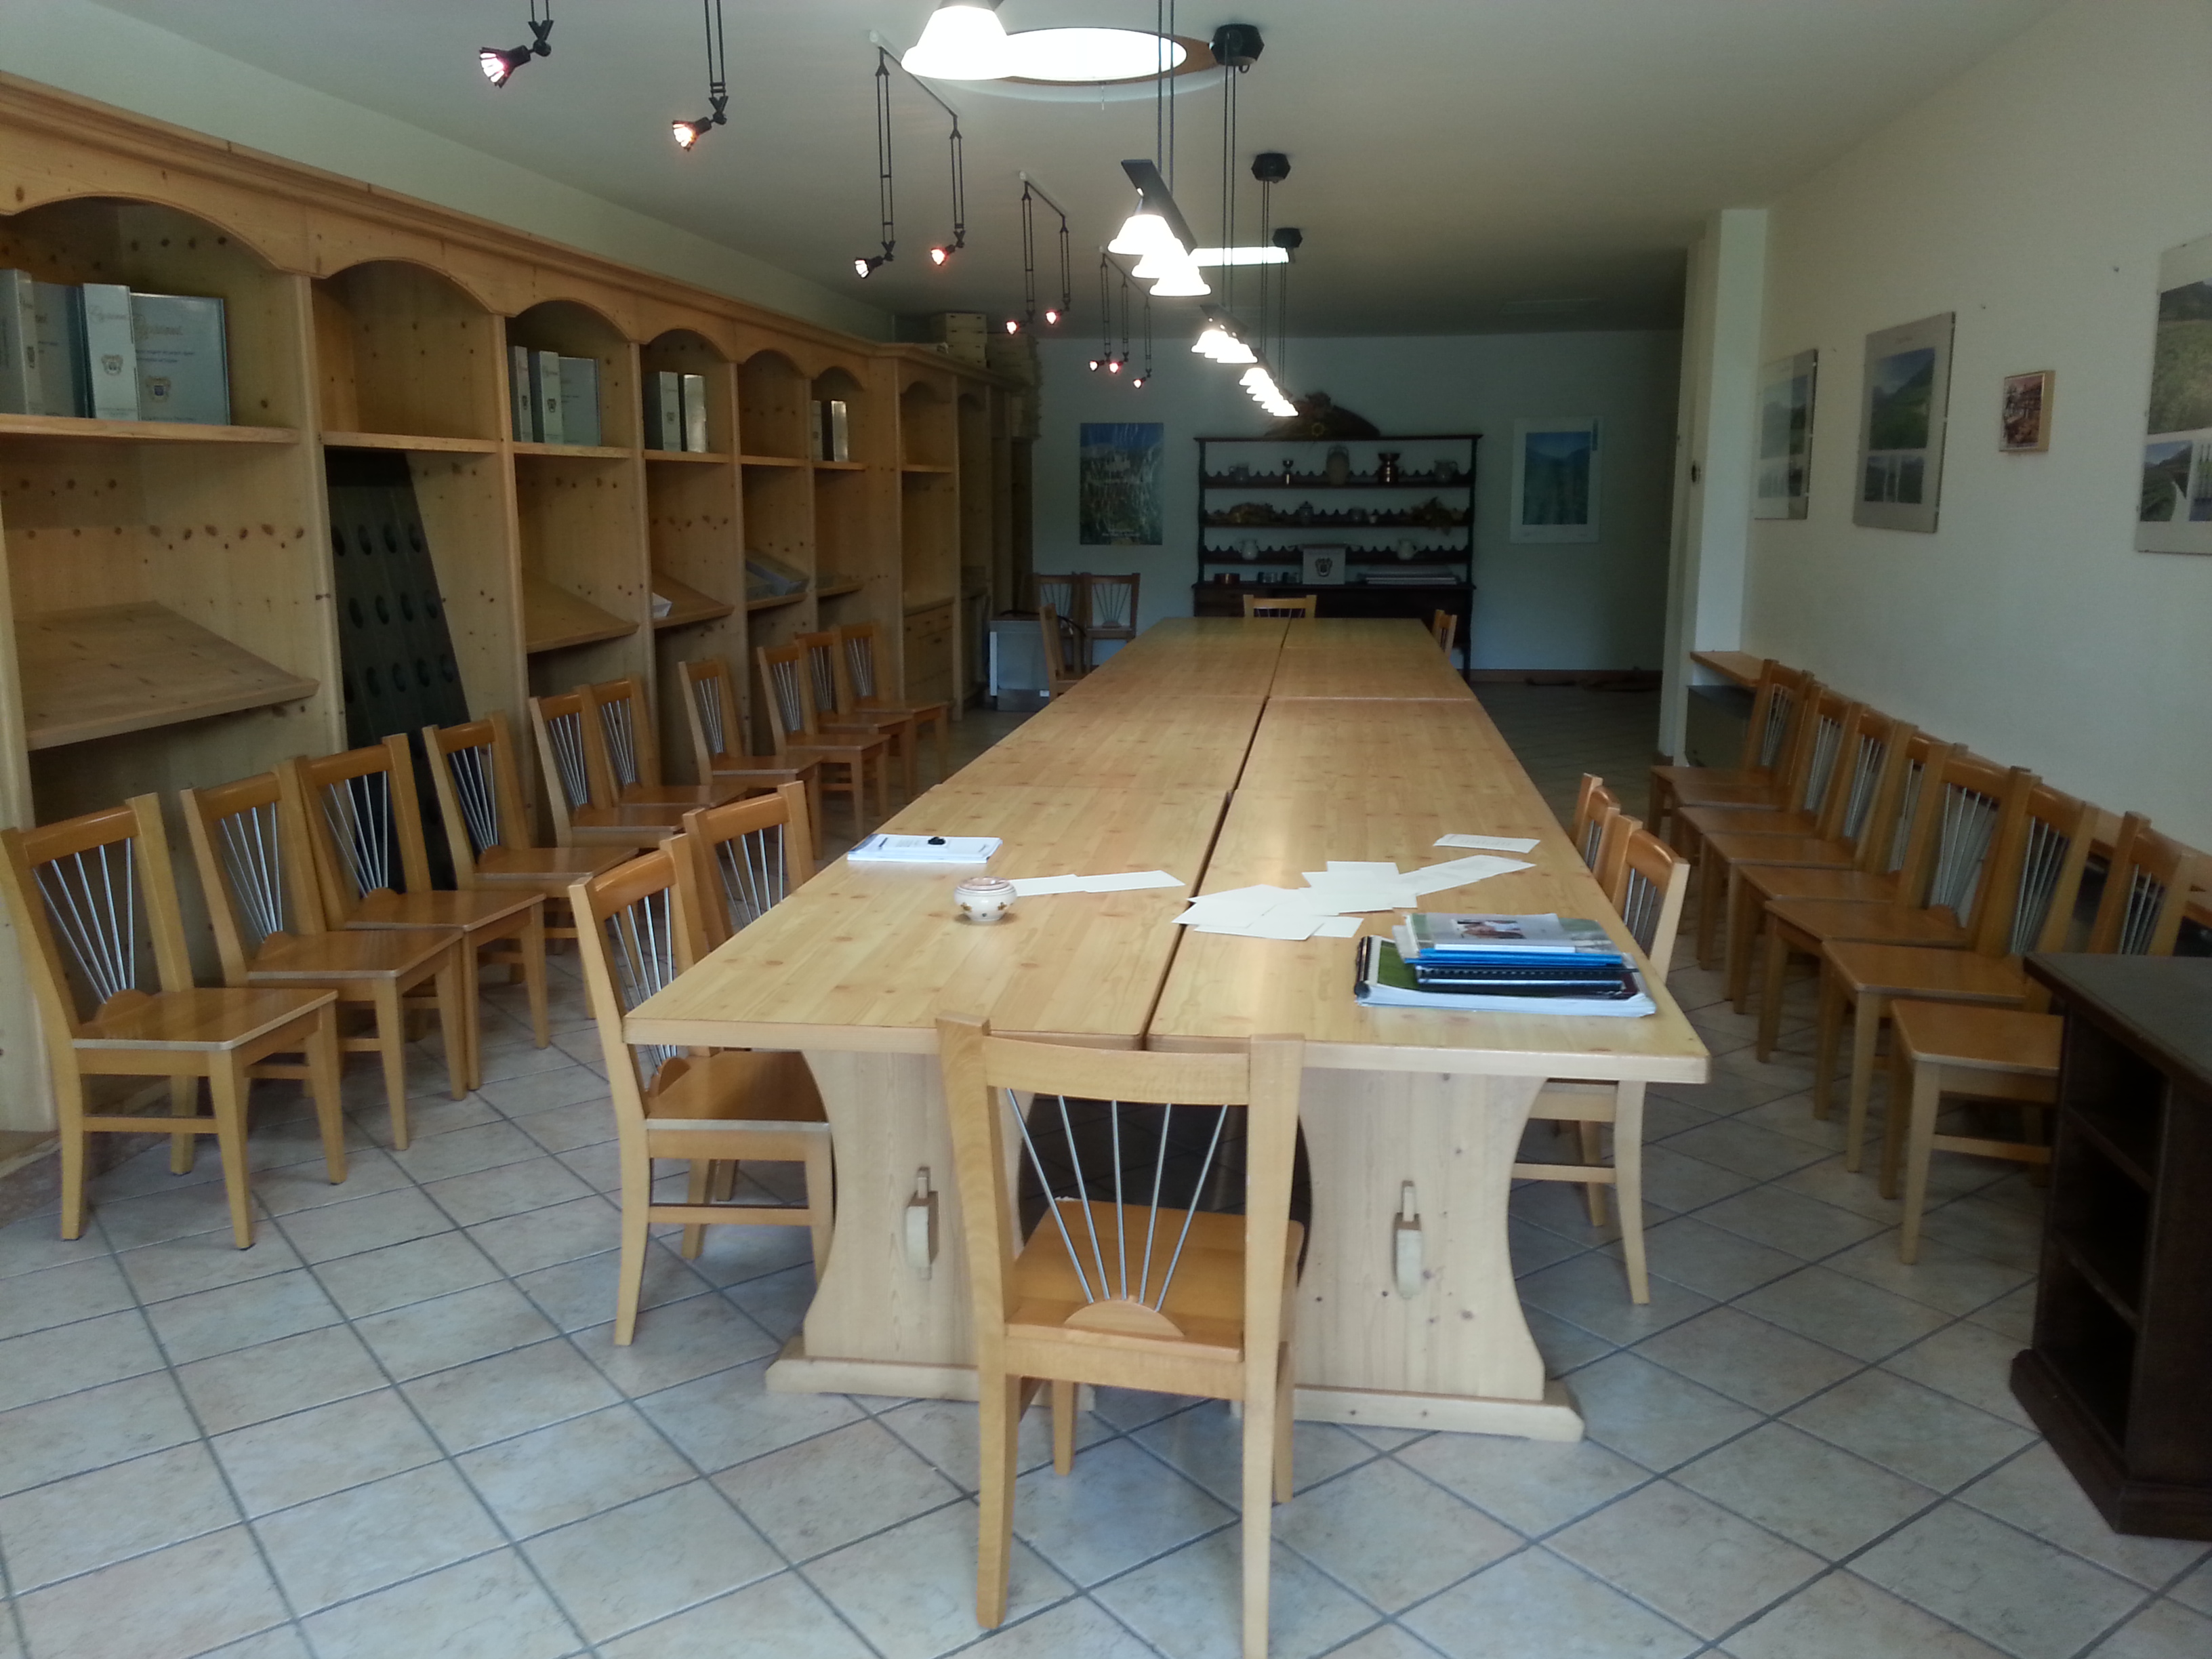 Arredamento completo sala degustazione anno n d su - Arredamento sala ...